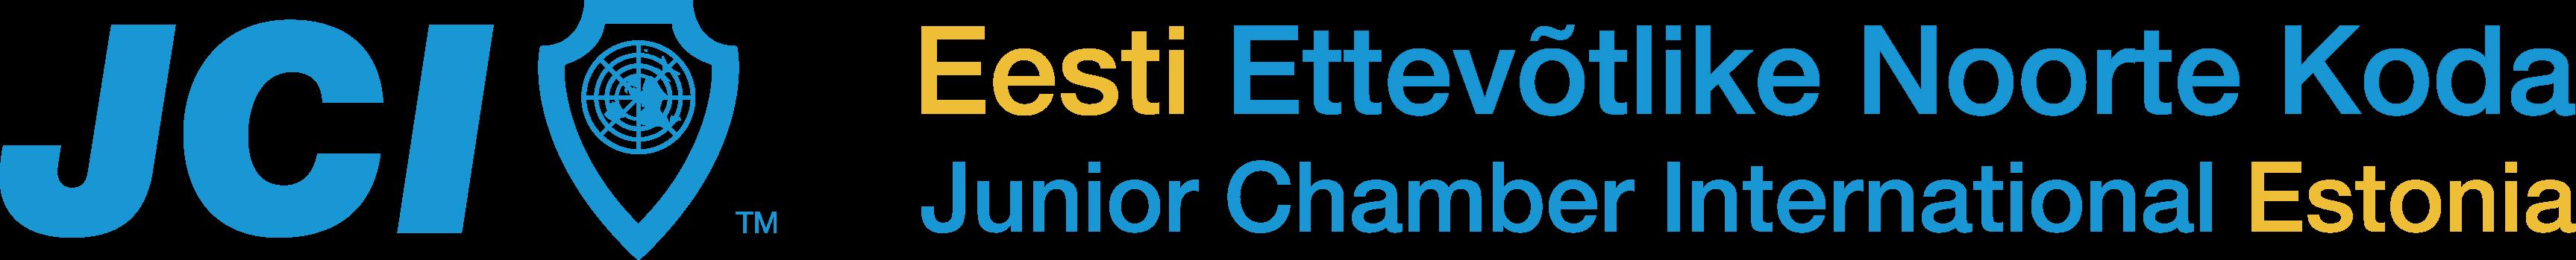 JCI Estonia logo